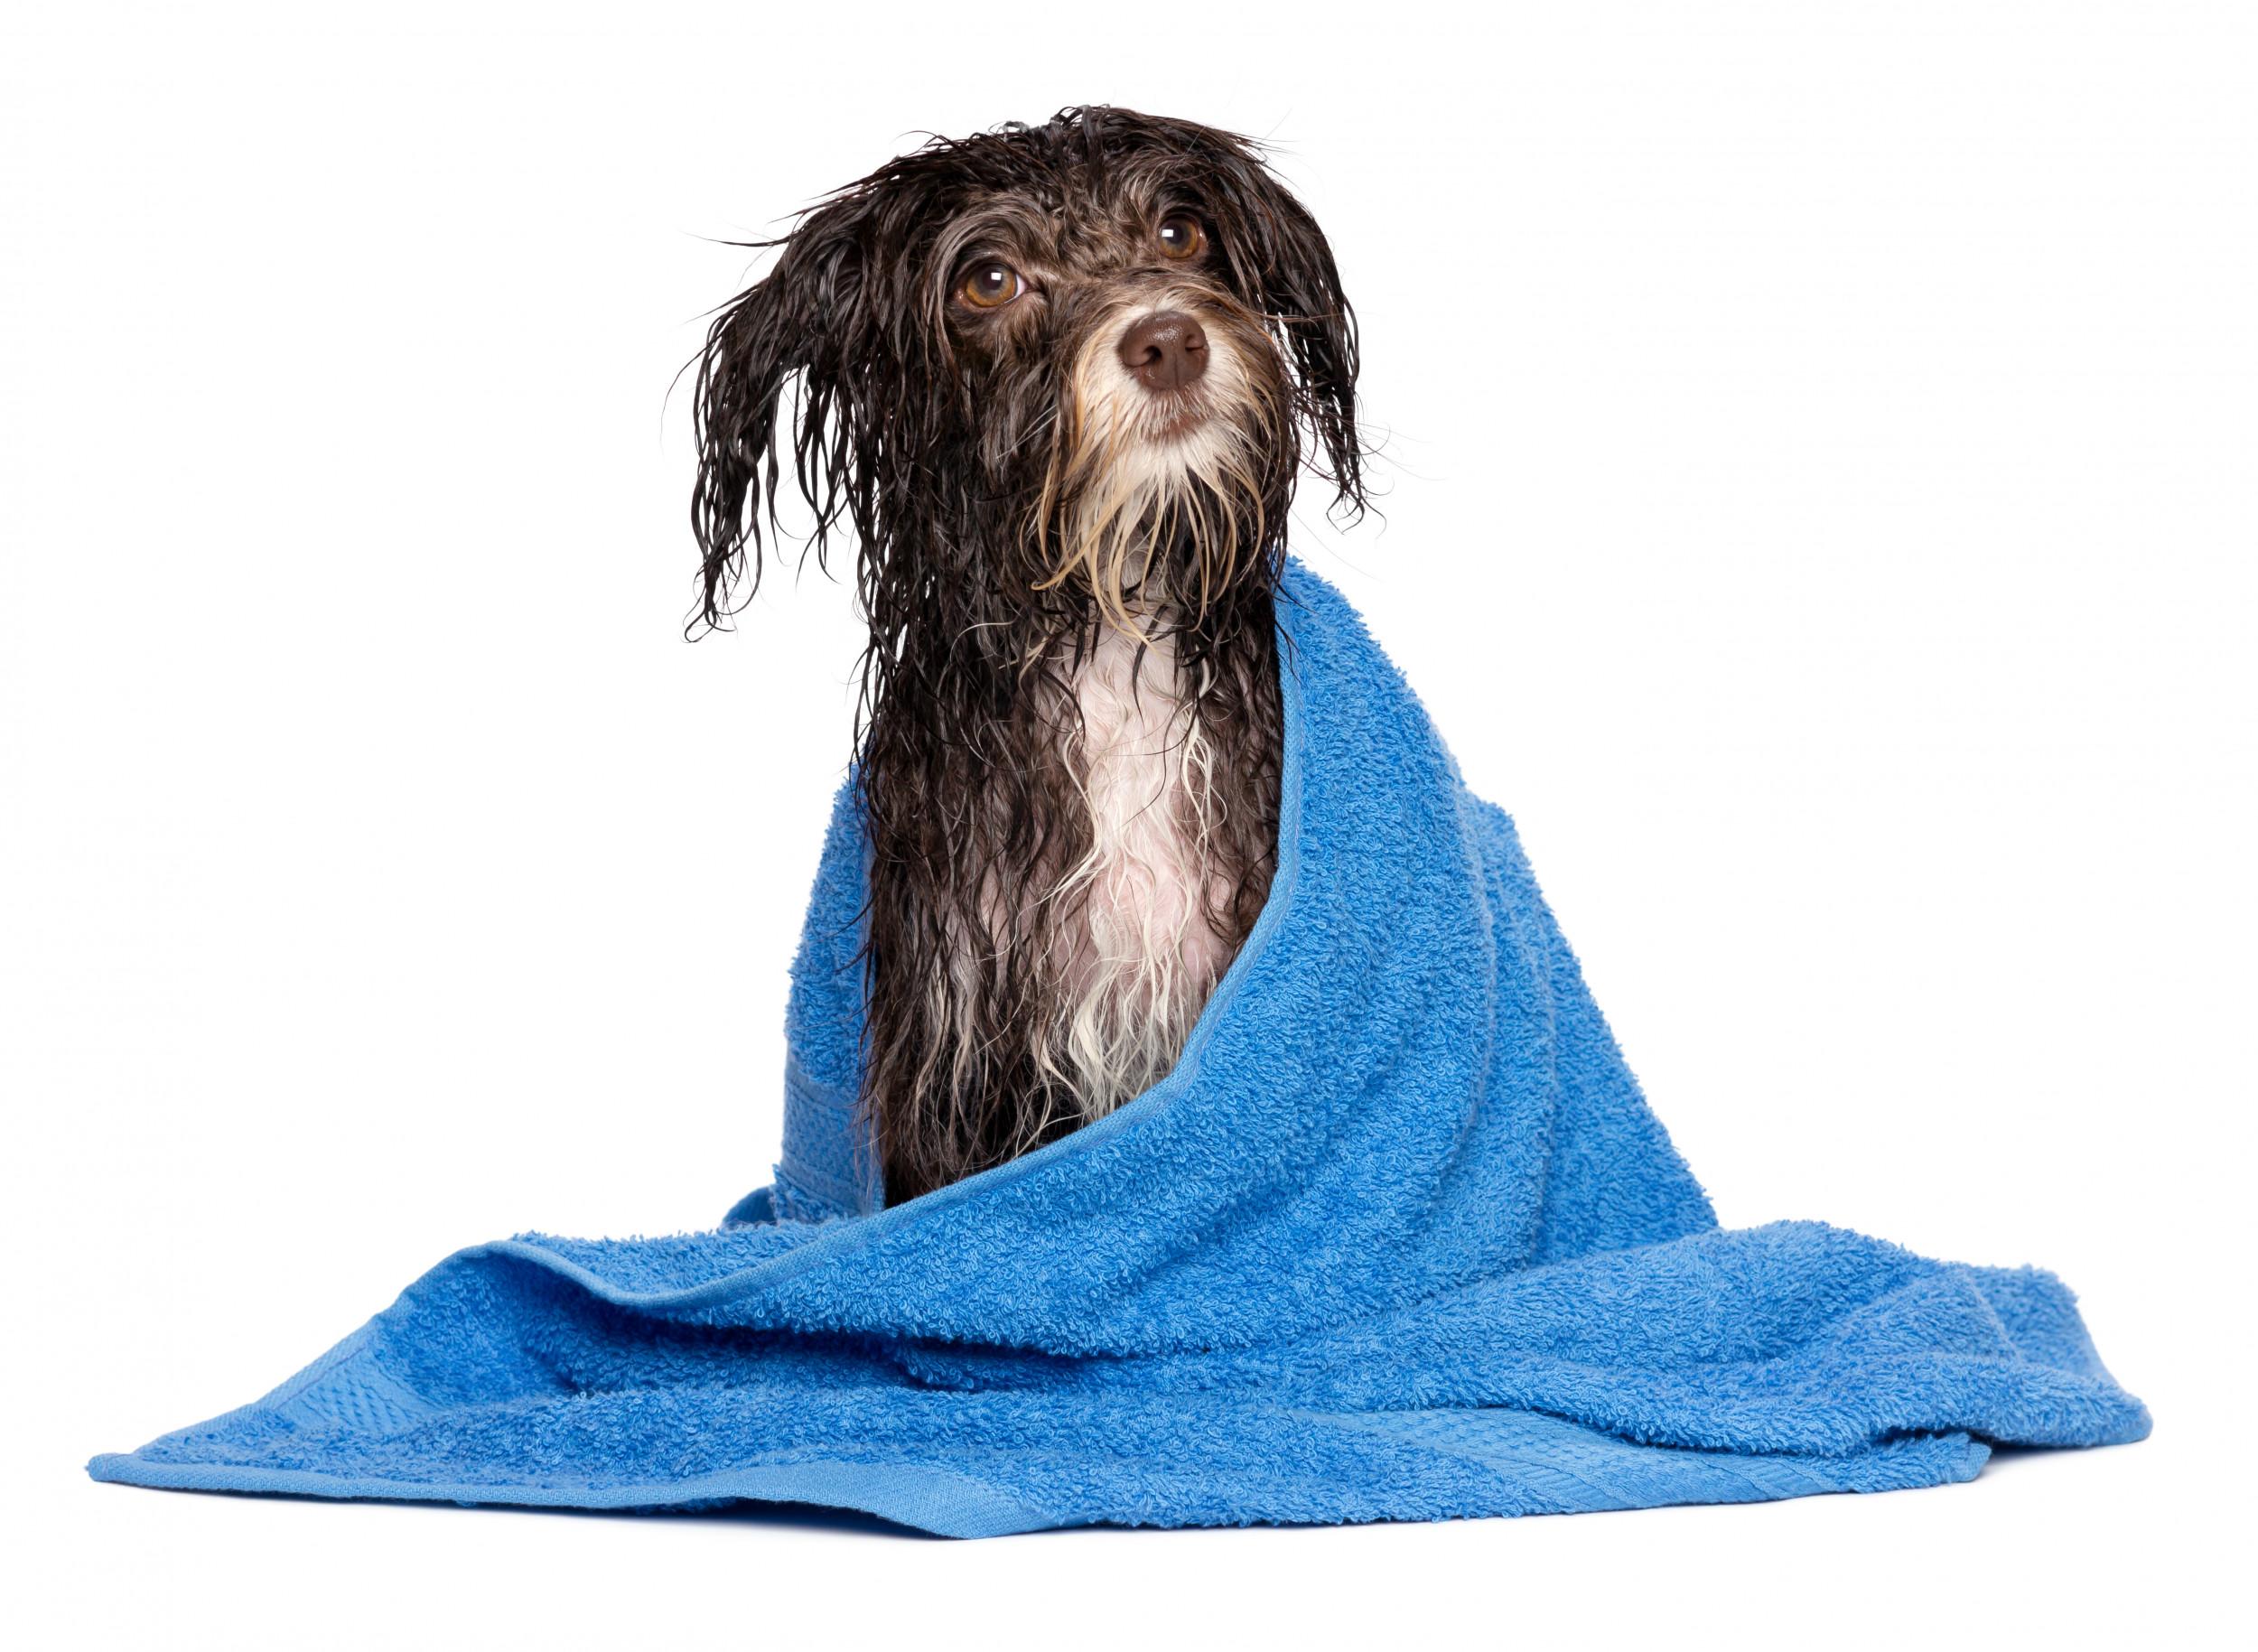 Dog caught enjoying night-time hot tub in hilarious viral video